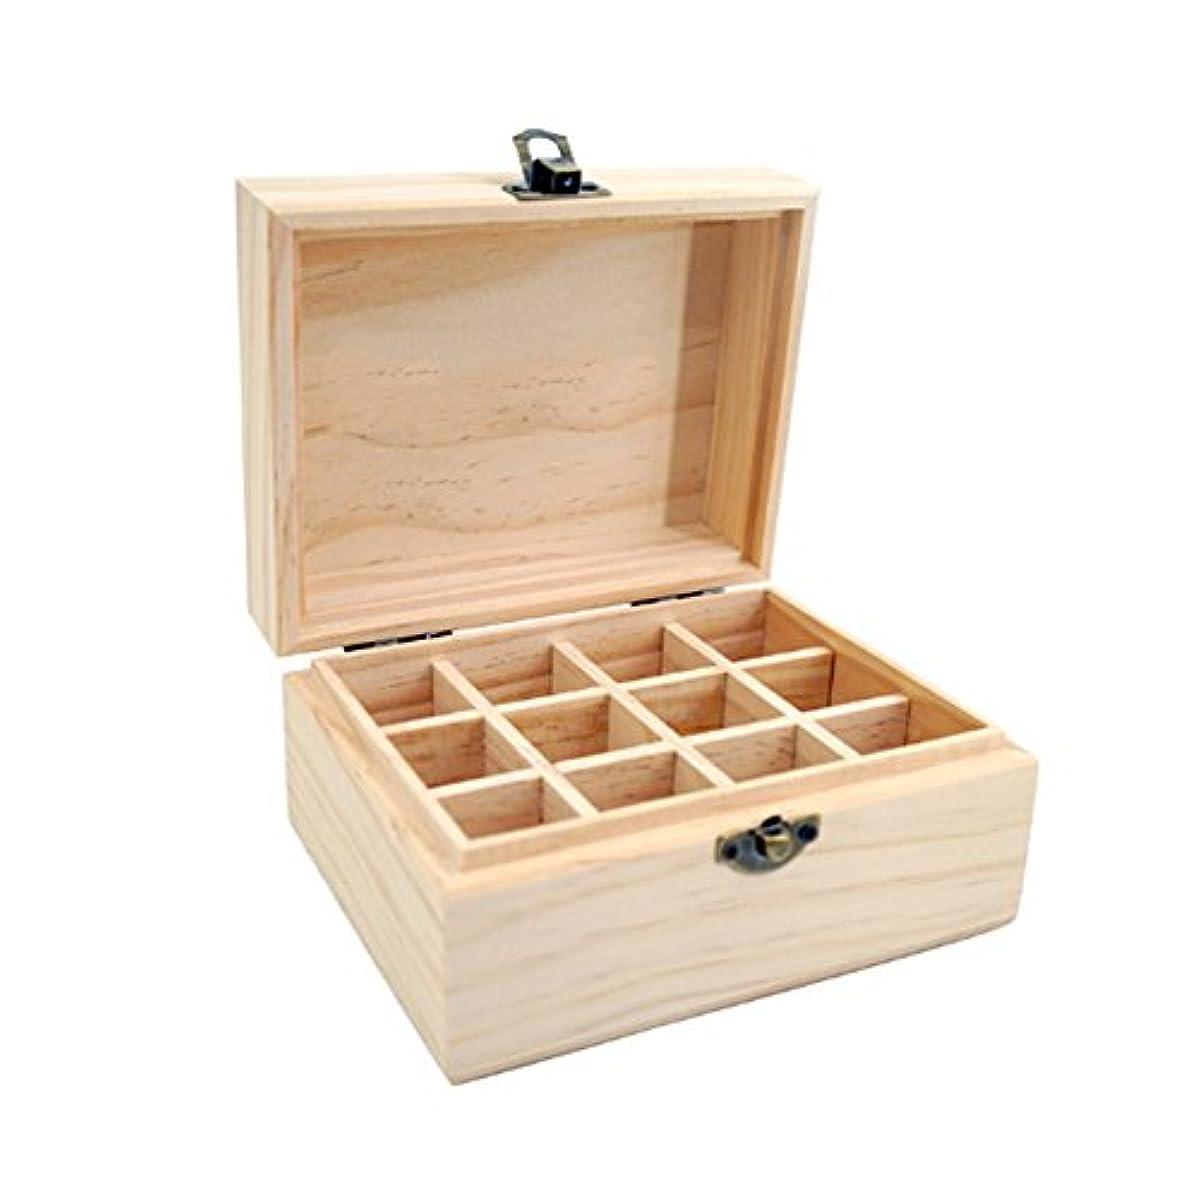 赤ちゃん行商動脈アロマポーチ エッセンシャルオイル収納ケース 木製 12本用